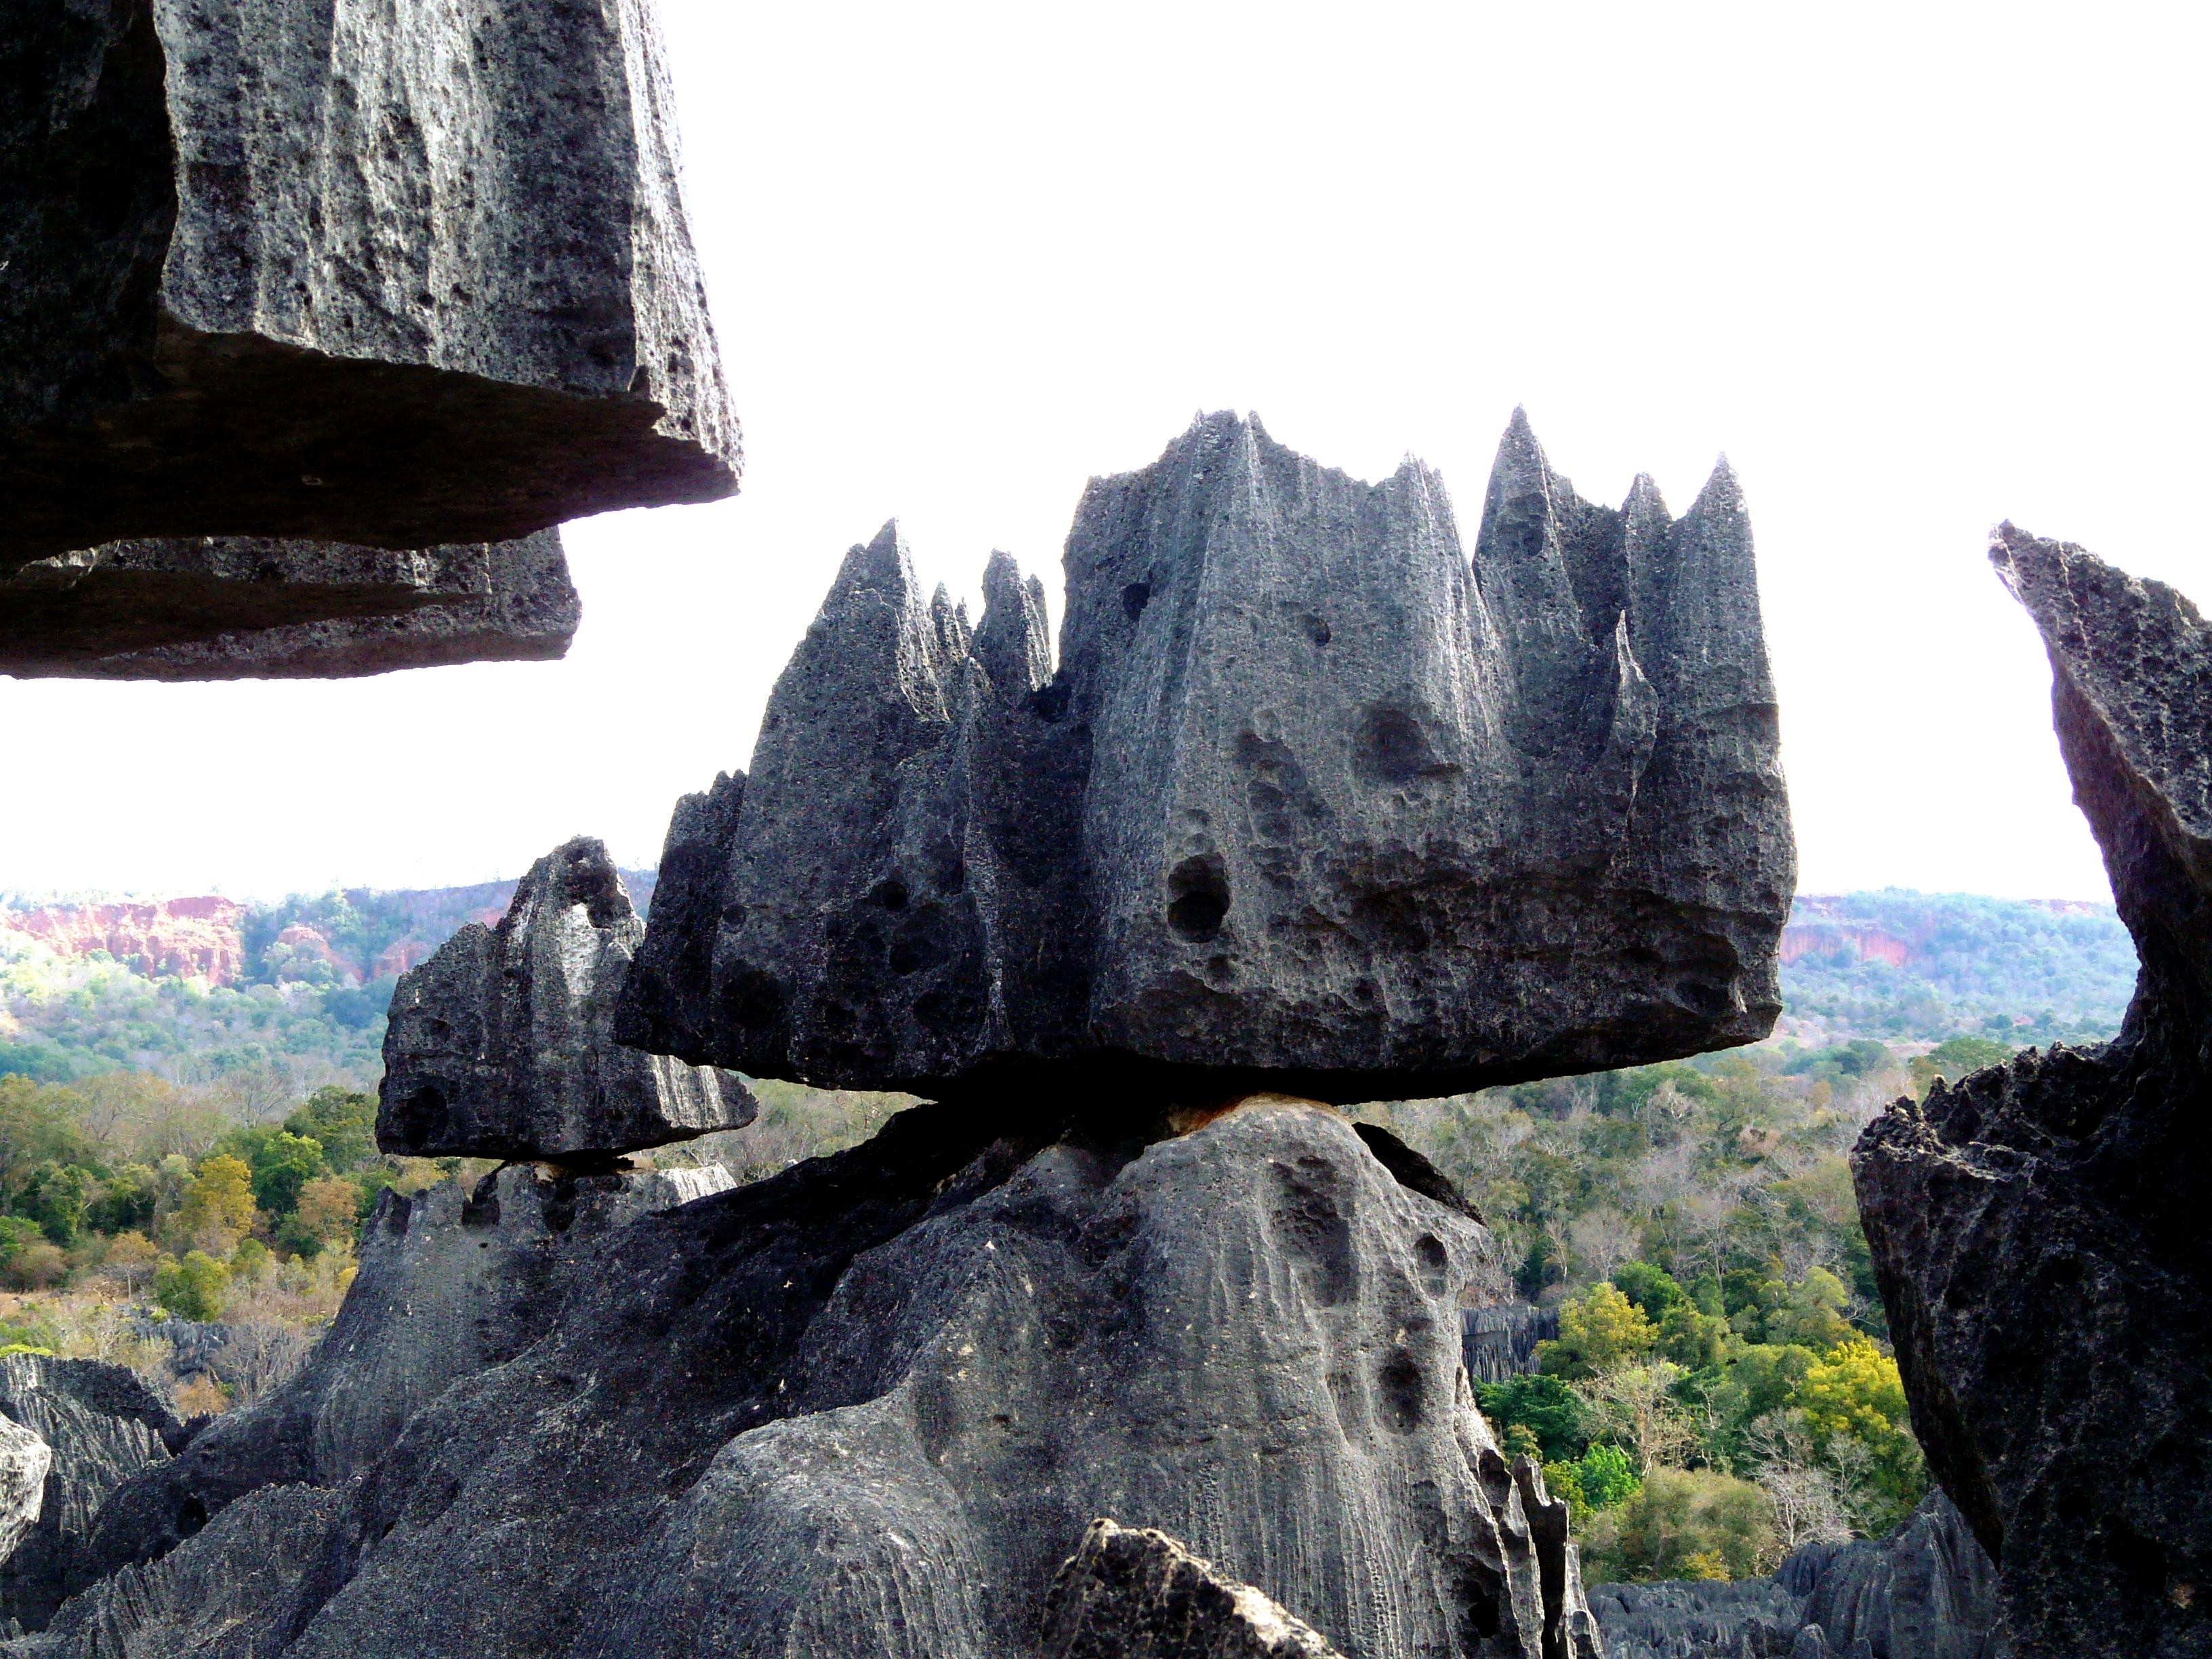 мегалиты каменного леса